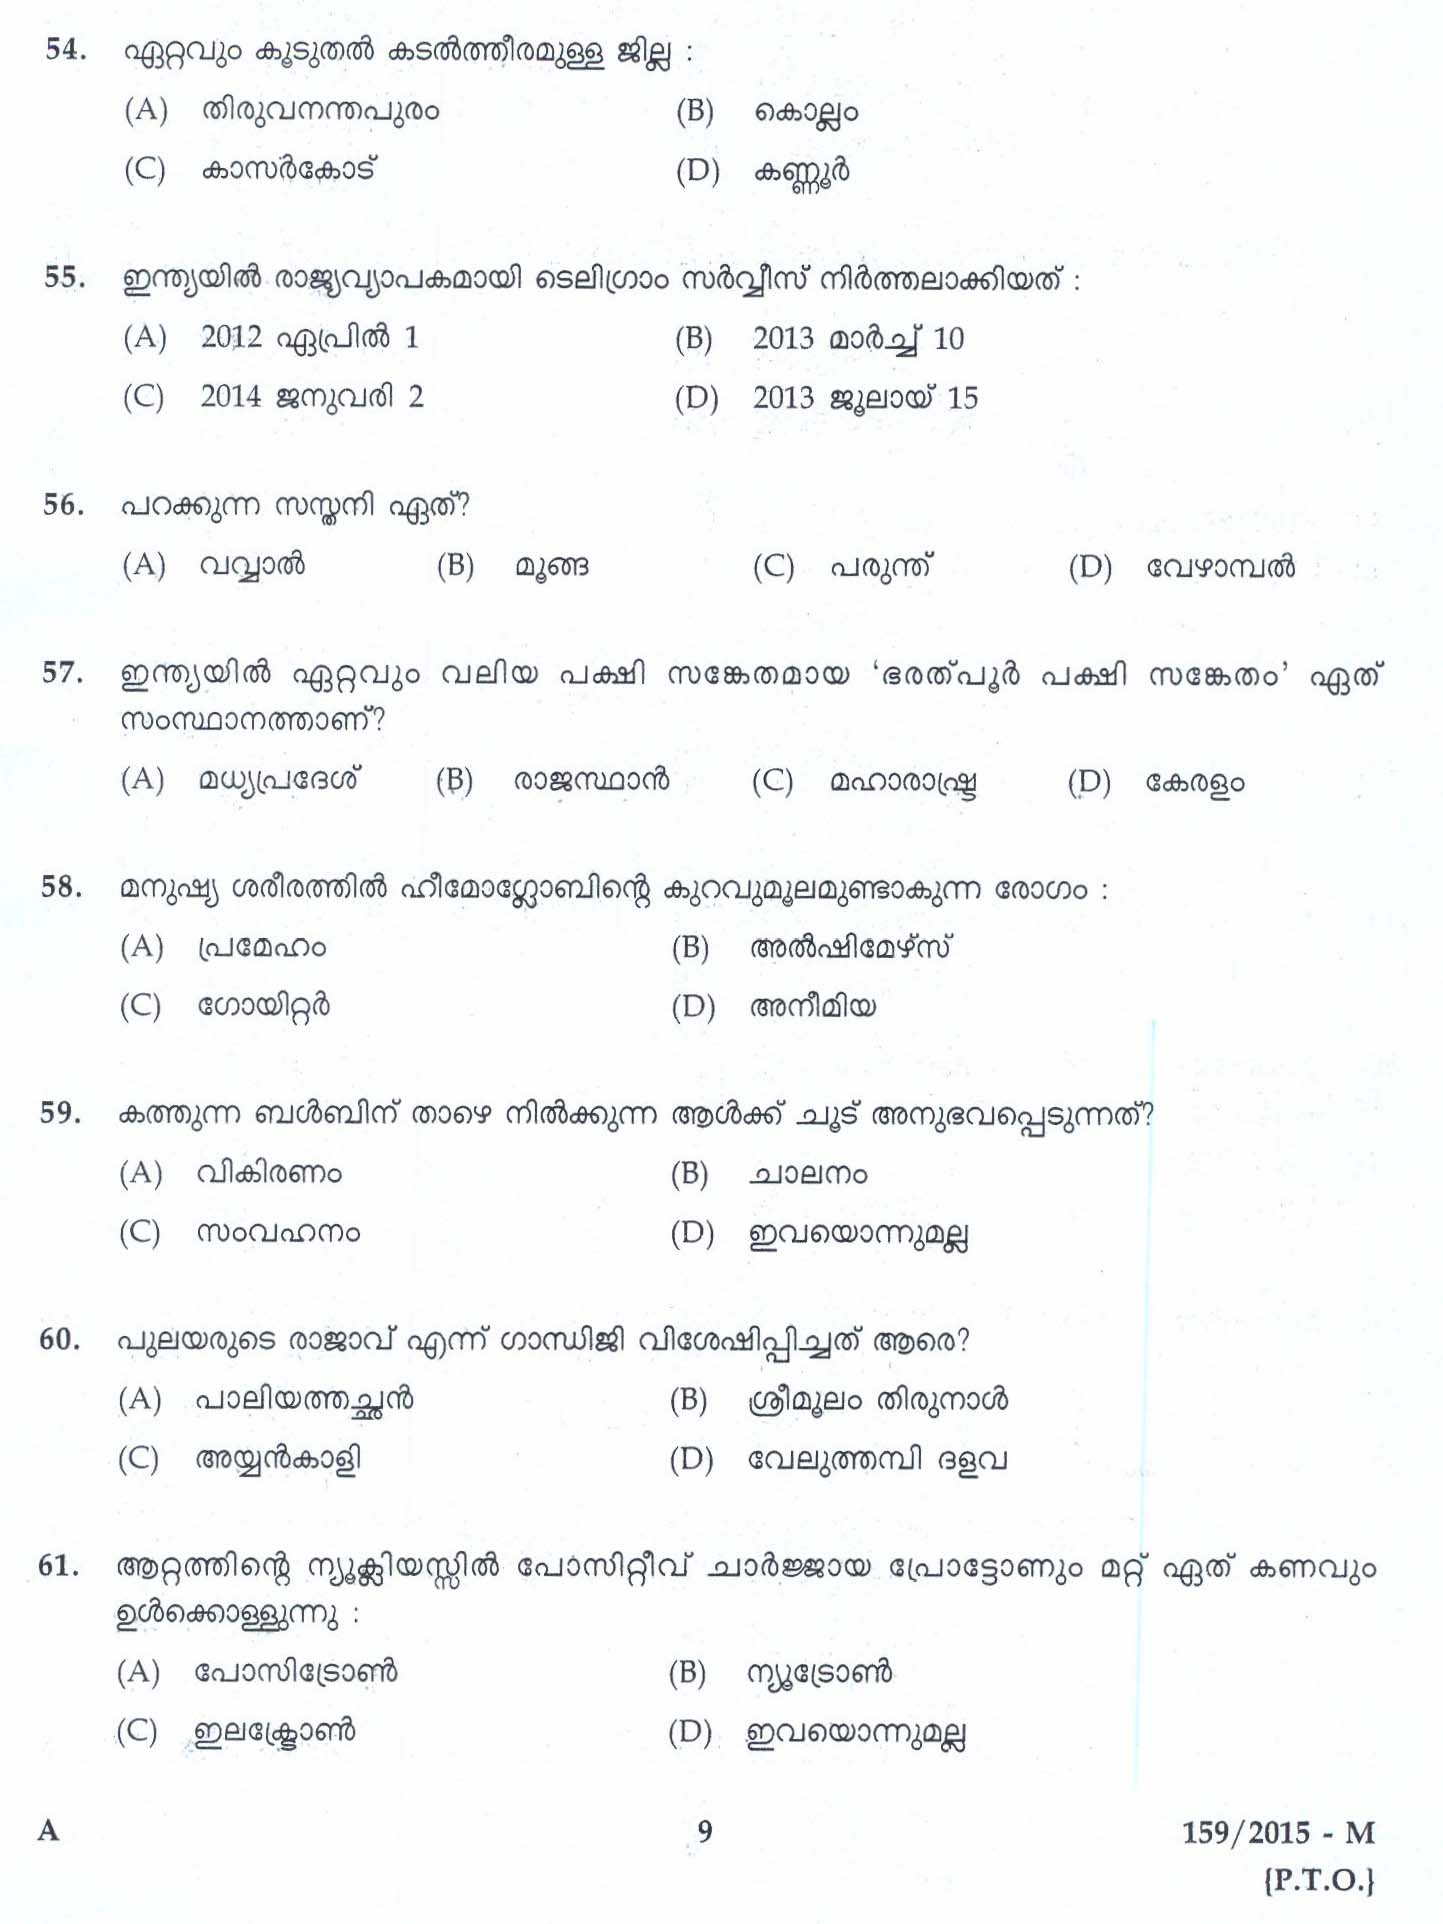 Kerala PSC Security Guard Exam 2015 Question Paper Code ...